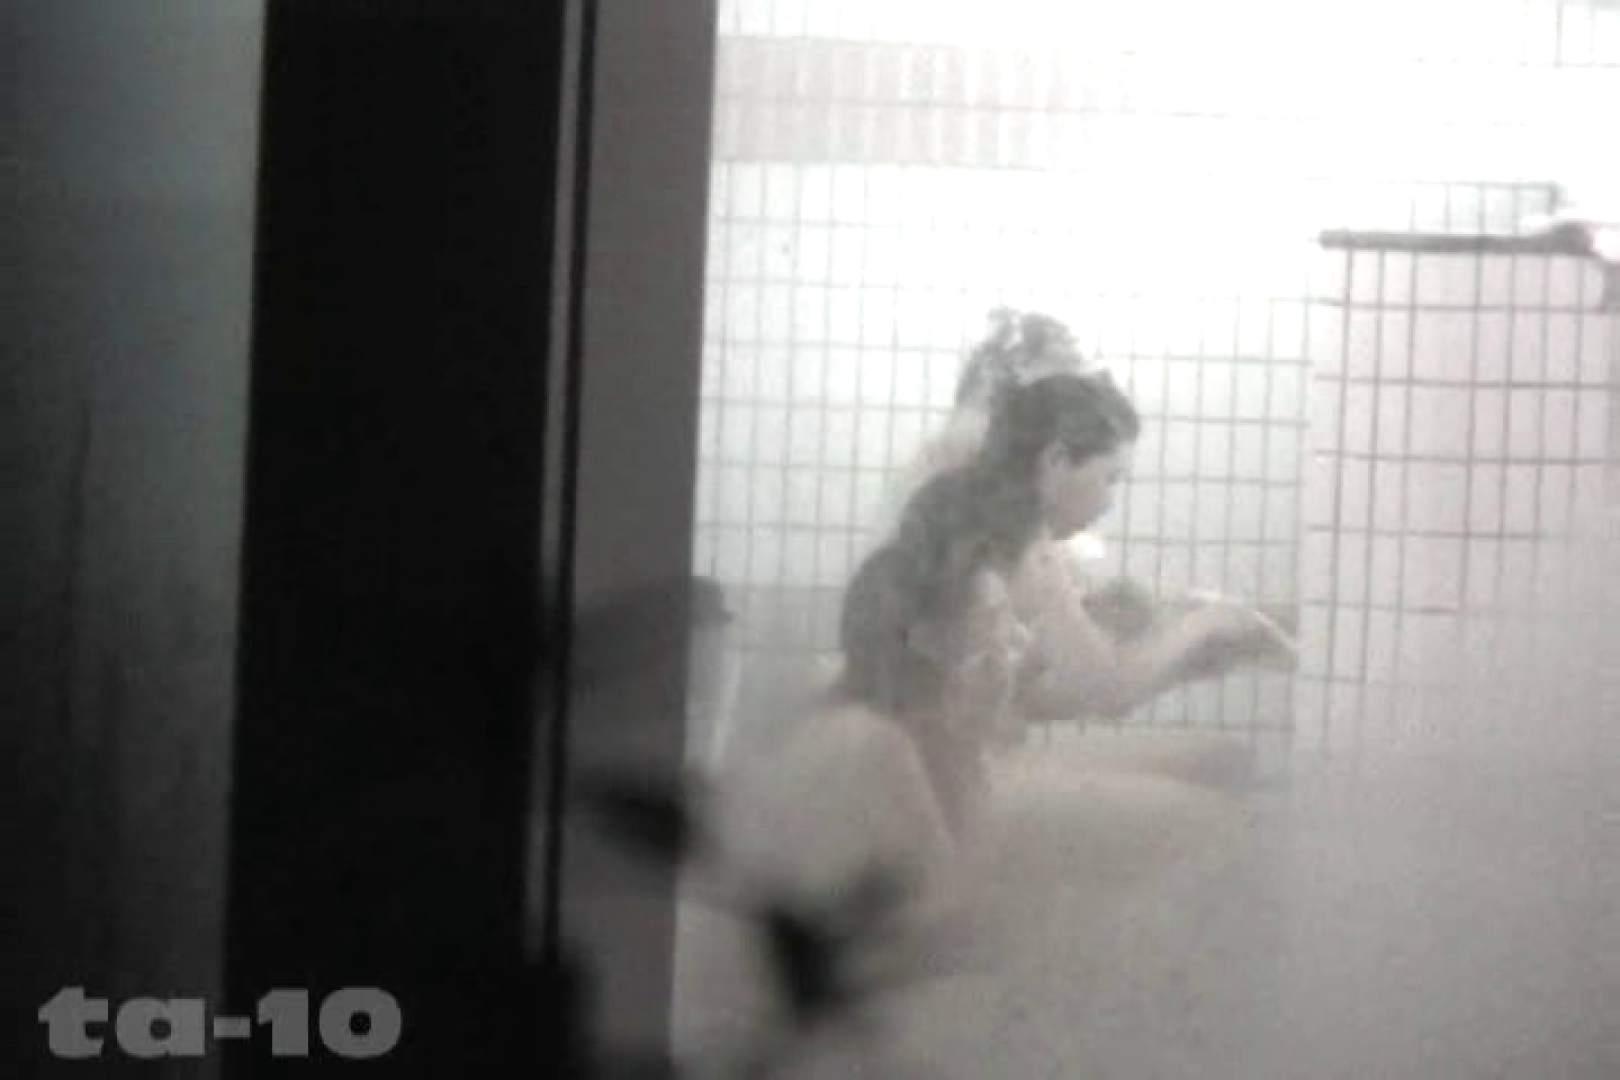 合宿ホテル女風呂盗撮高画質版 Vol.10 ホテルで絶頂 SEX無修正画像 58画像 19